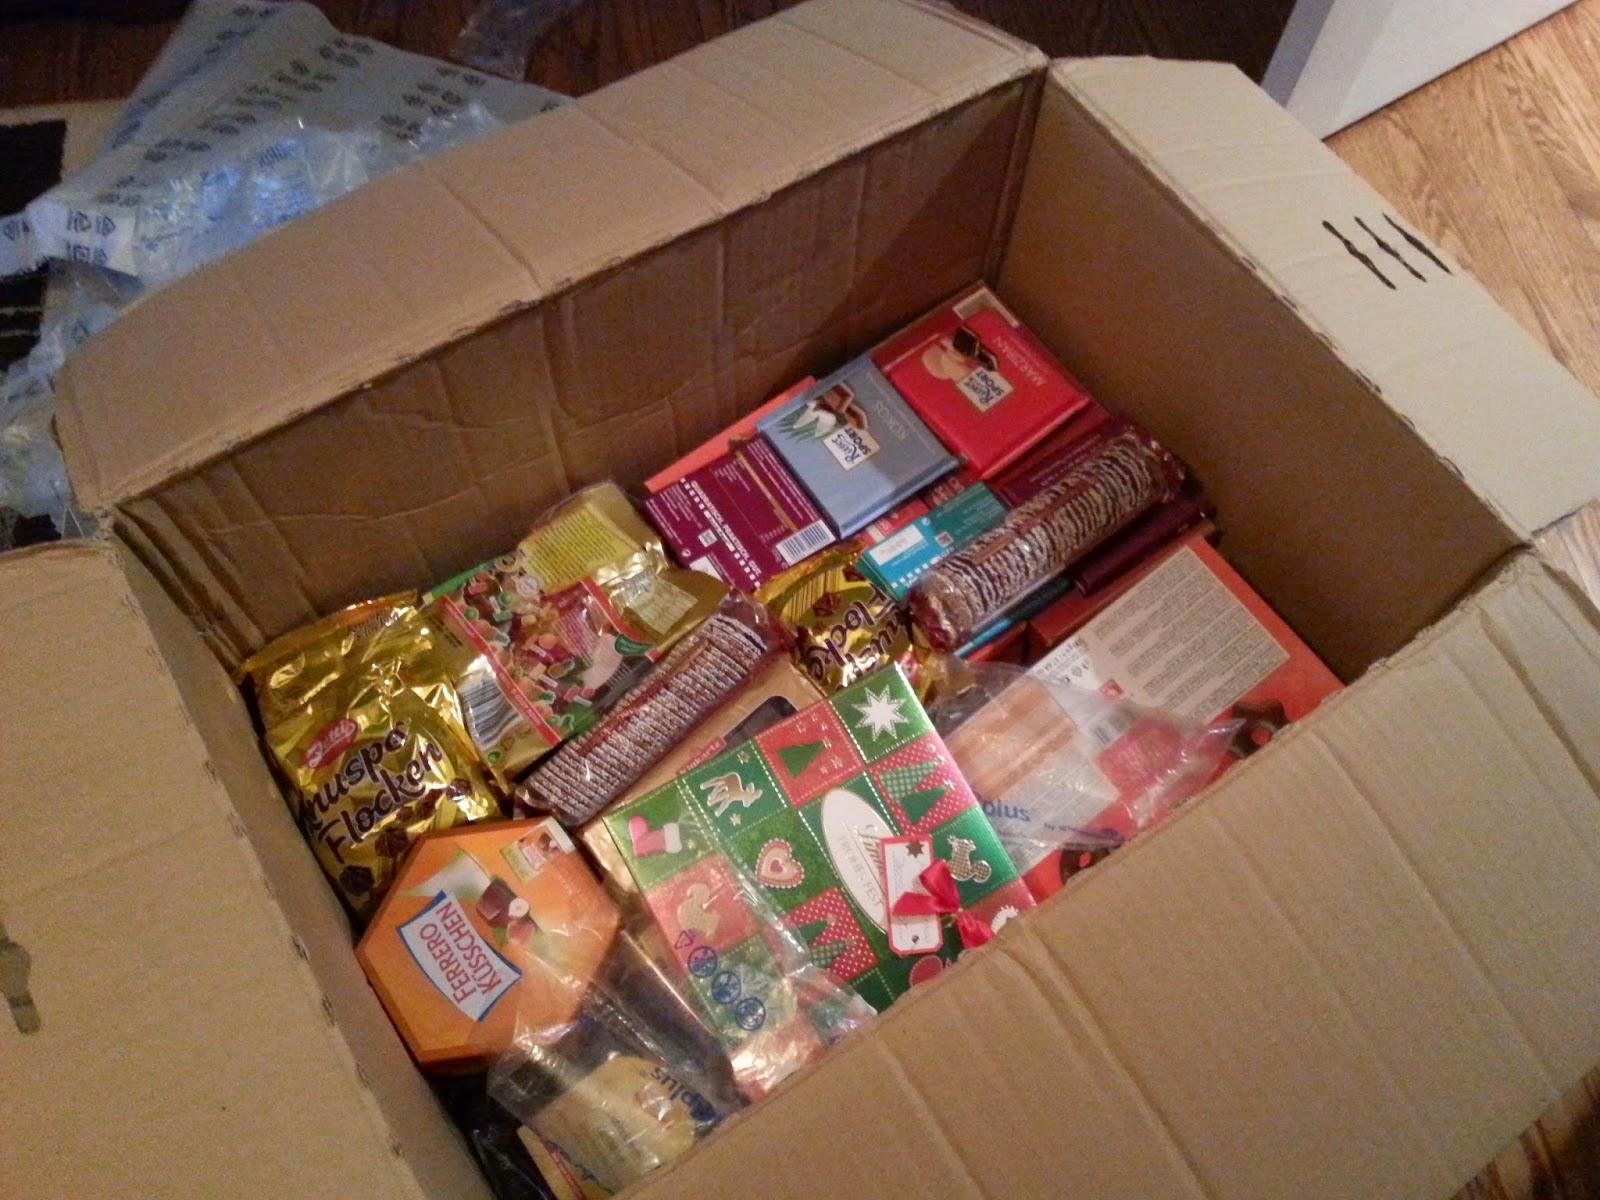 Päckchen Nach Kanada Paket Nach Kanada 2019 12 26